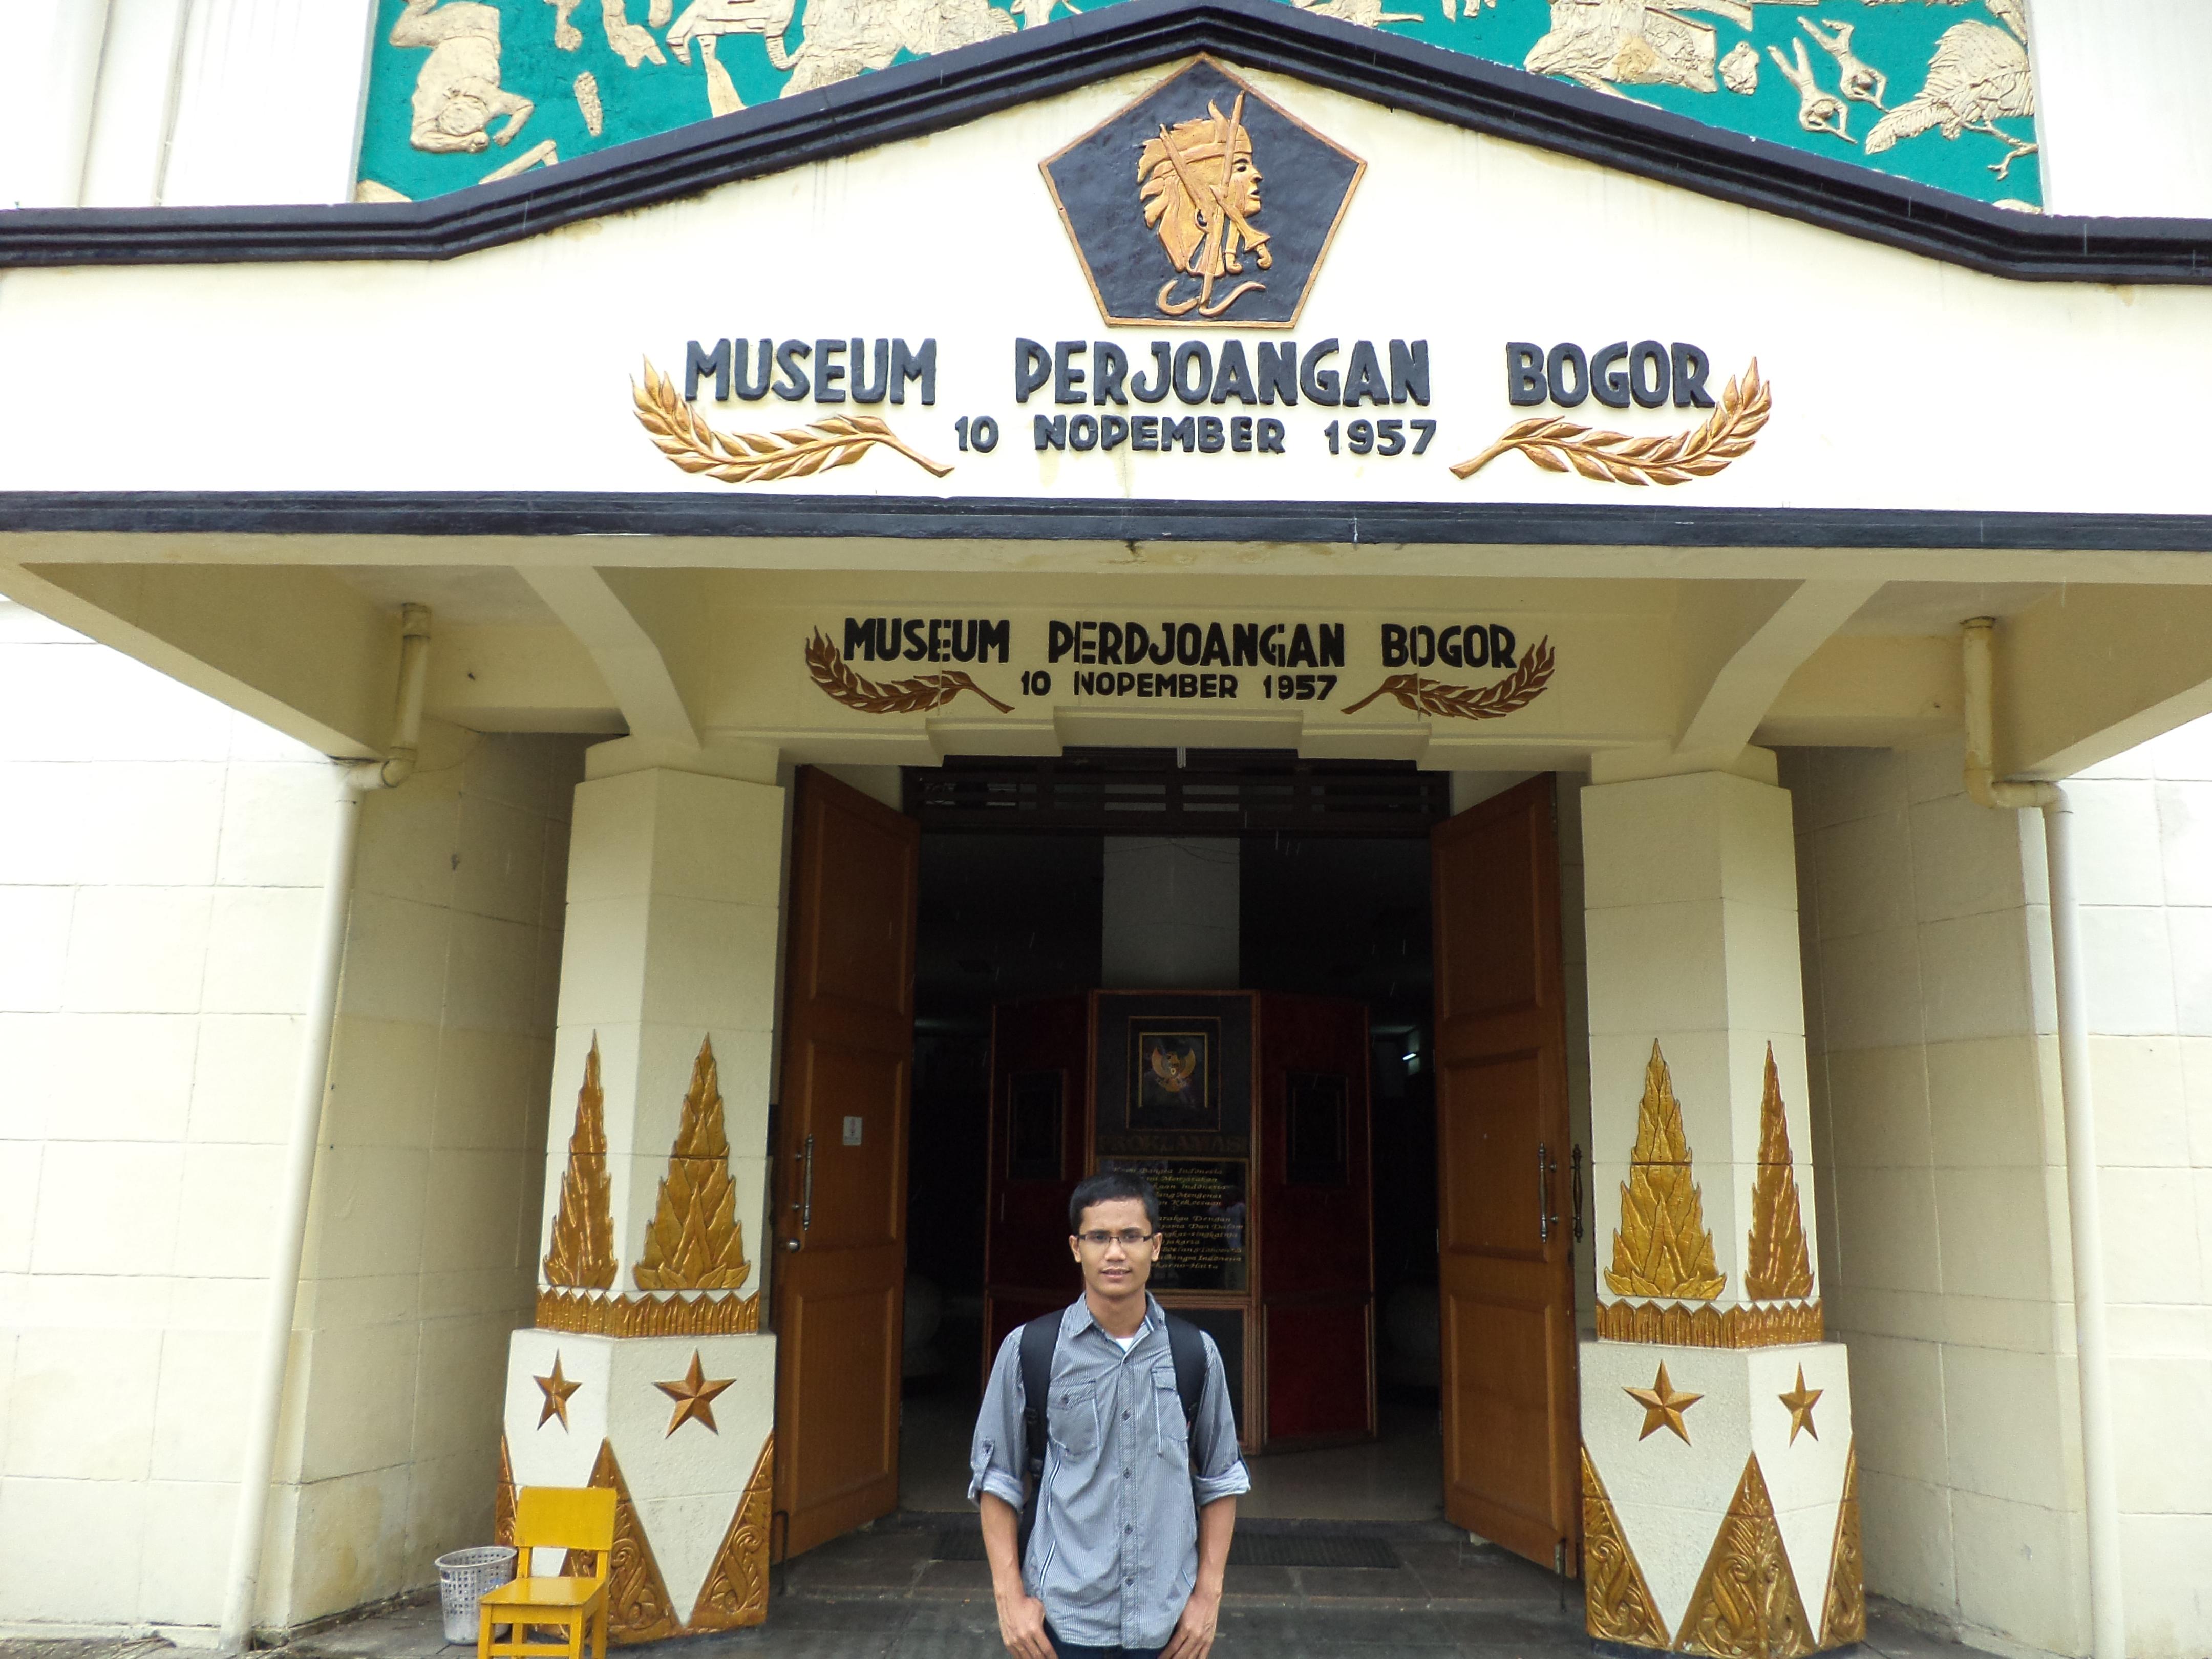 Berlibur Kota Bogor Bersejarah Cutatan Gun Museum Perjuangan Zoology Kab